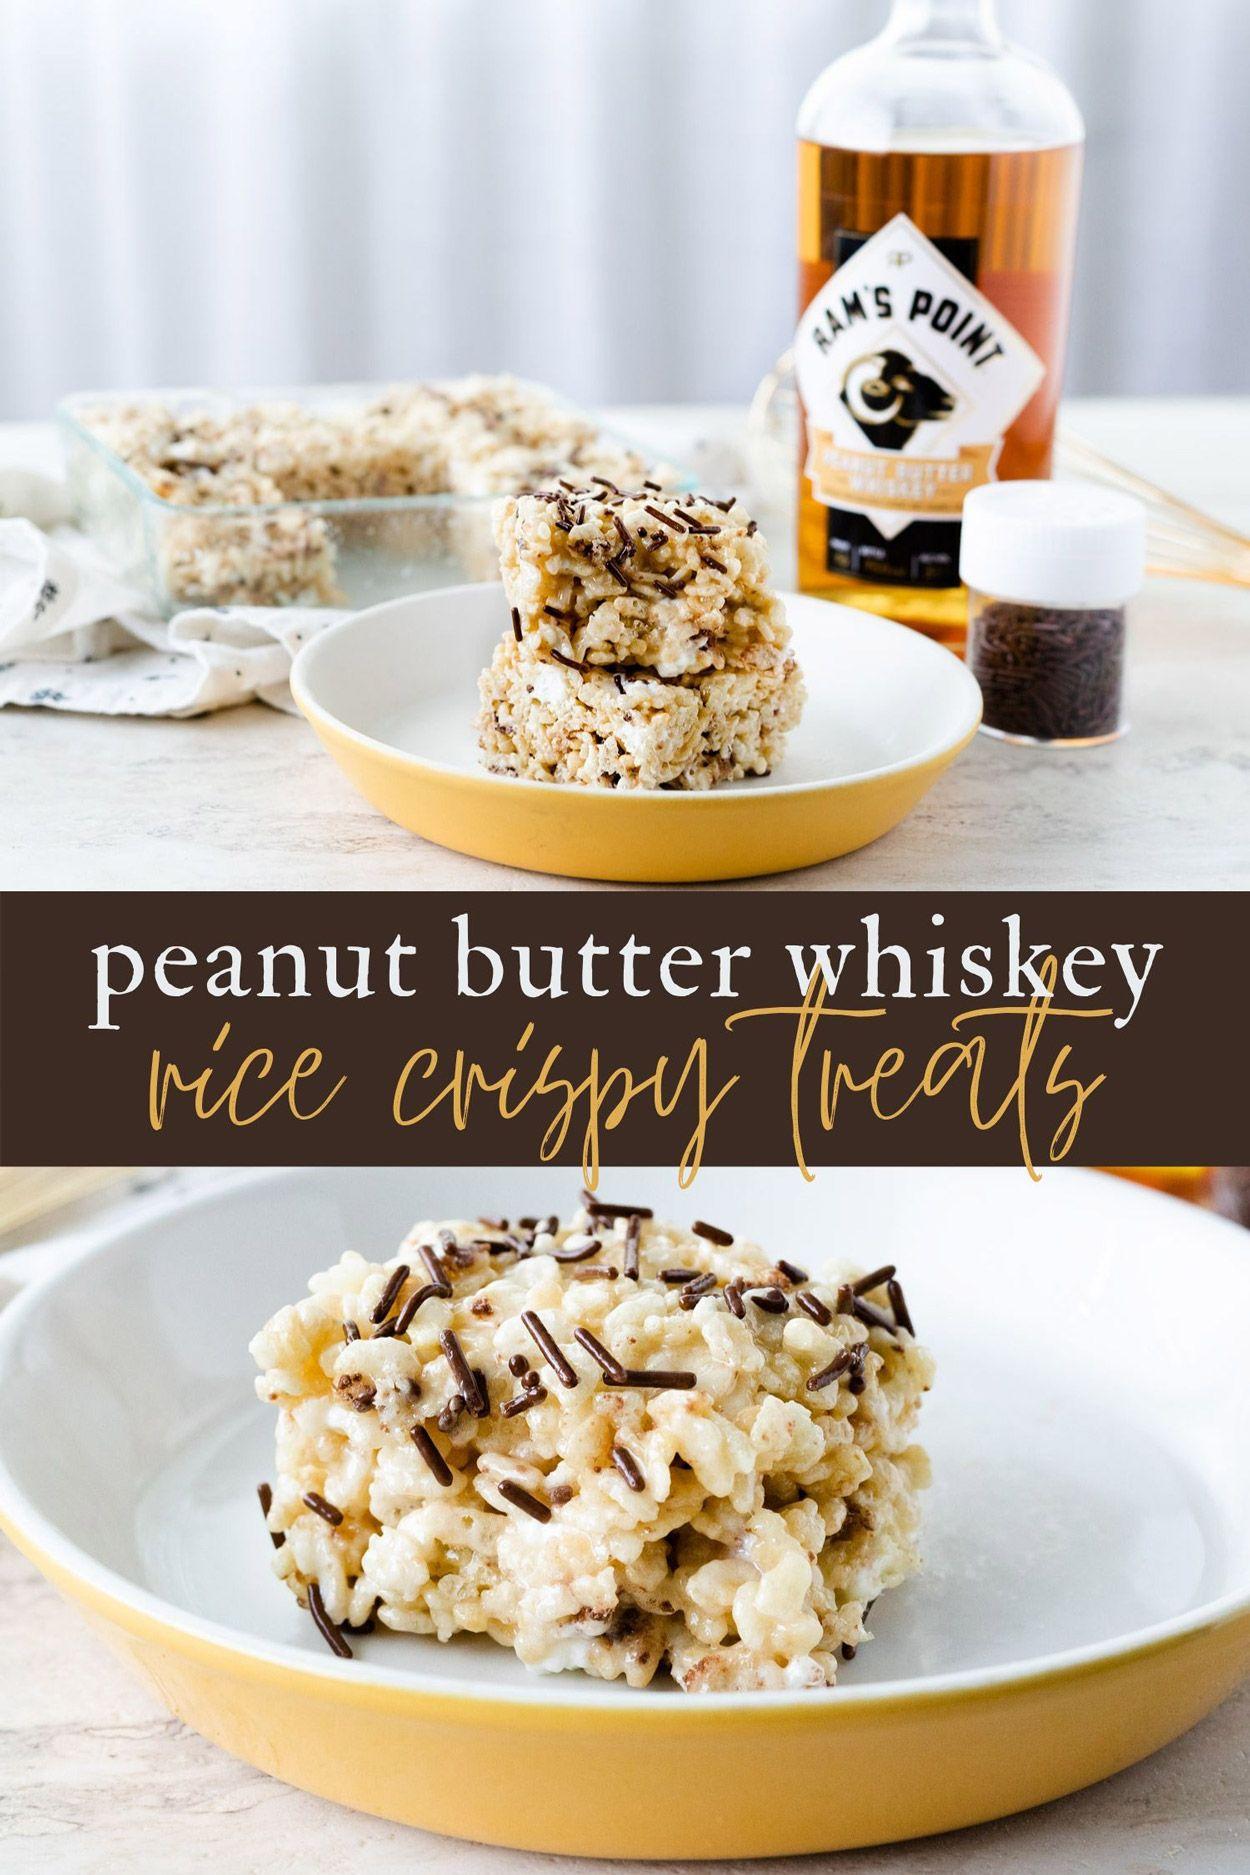 Peanut Butter Whiskey Rice Crispy Treats | Recipe | Alcoholic desserts, Crispy treats, Boozy ...